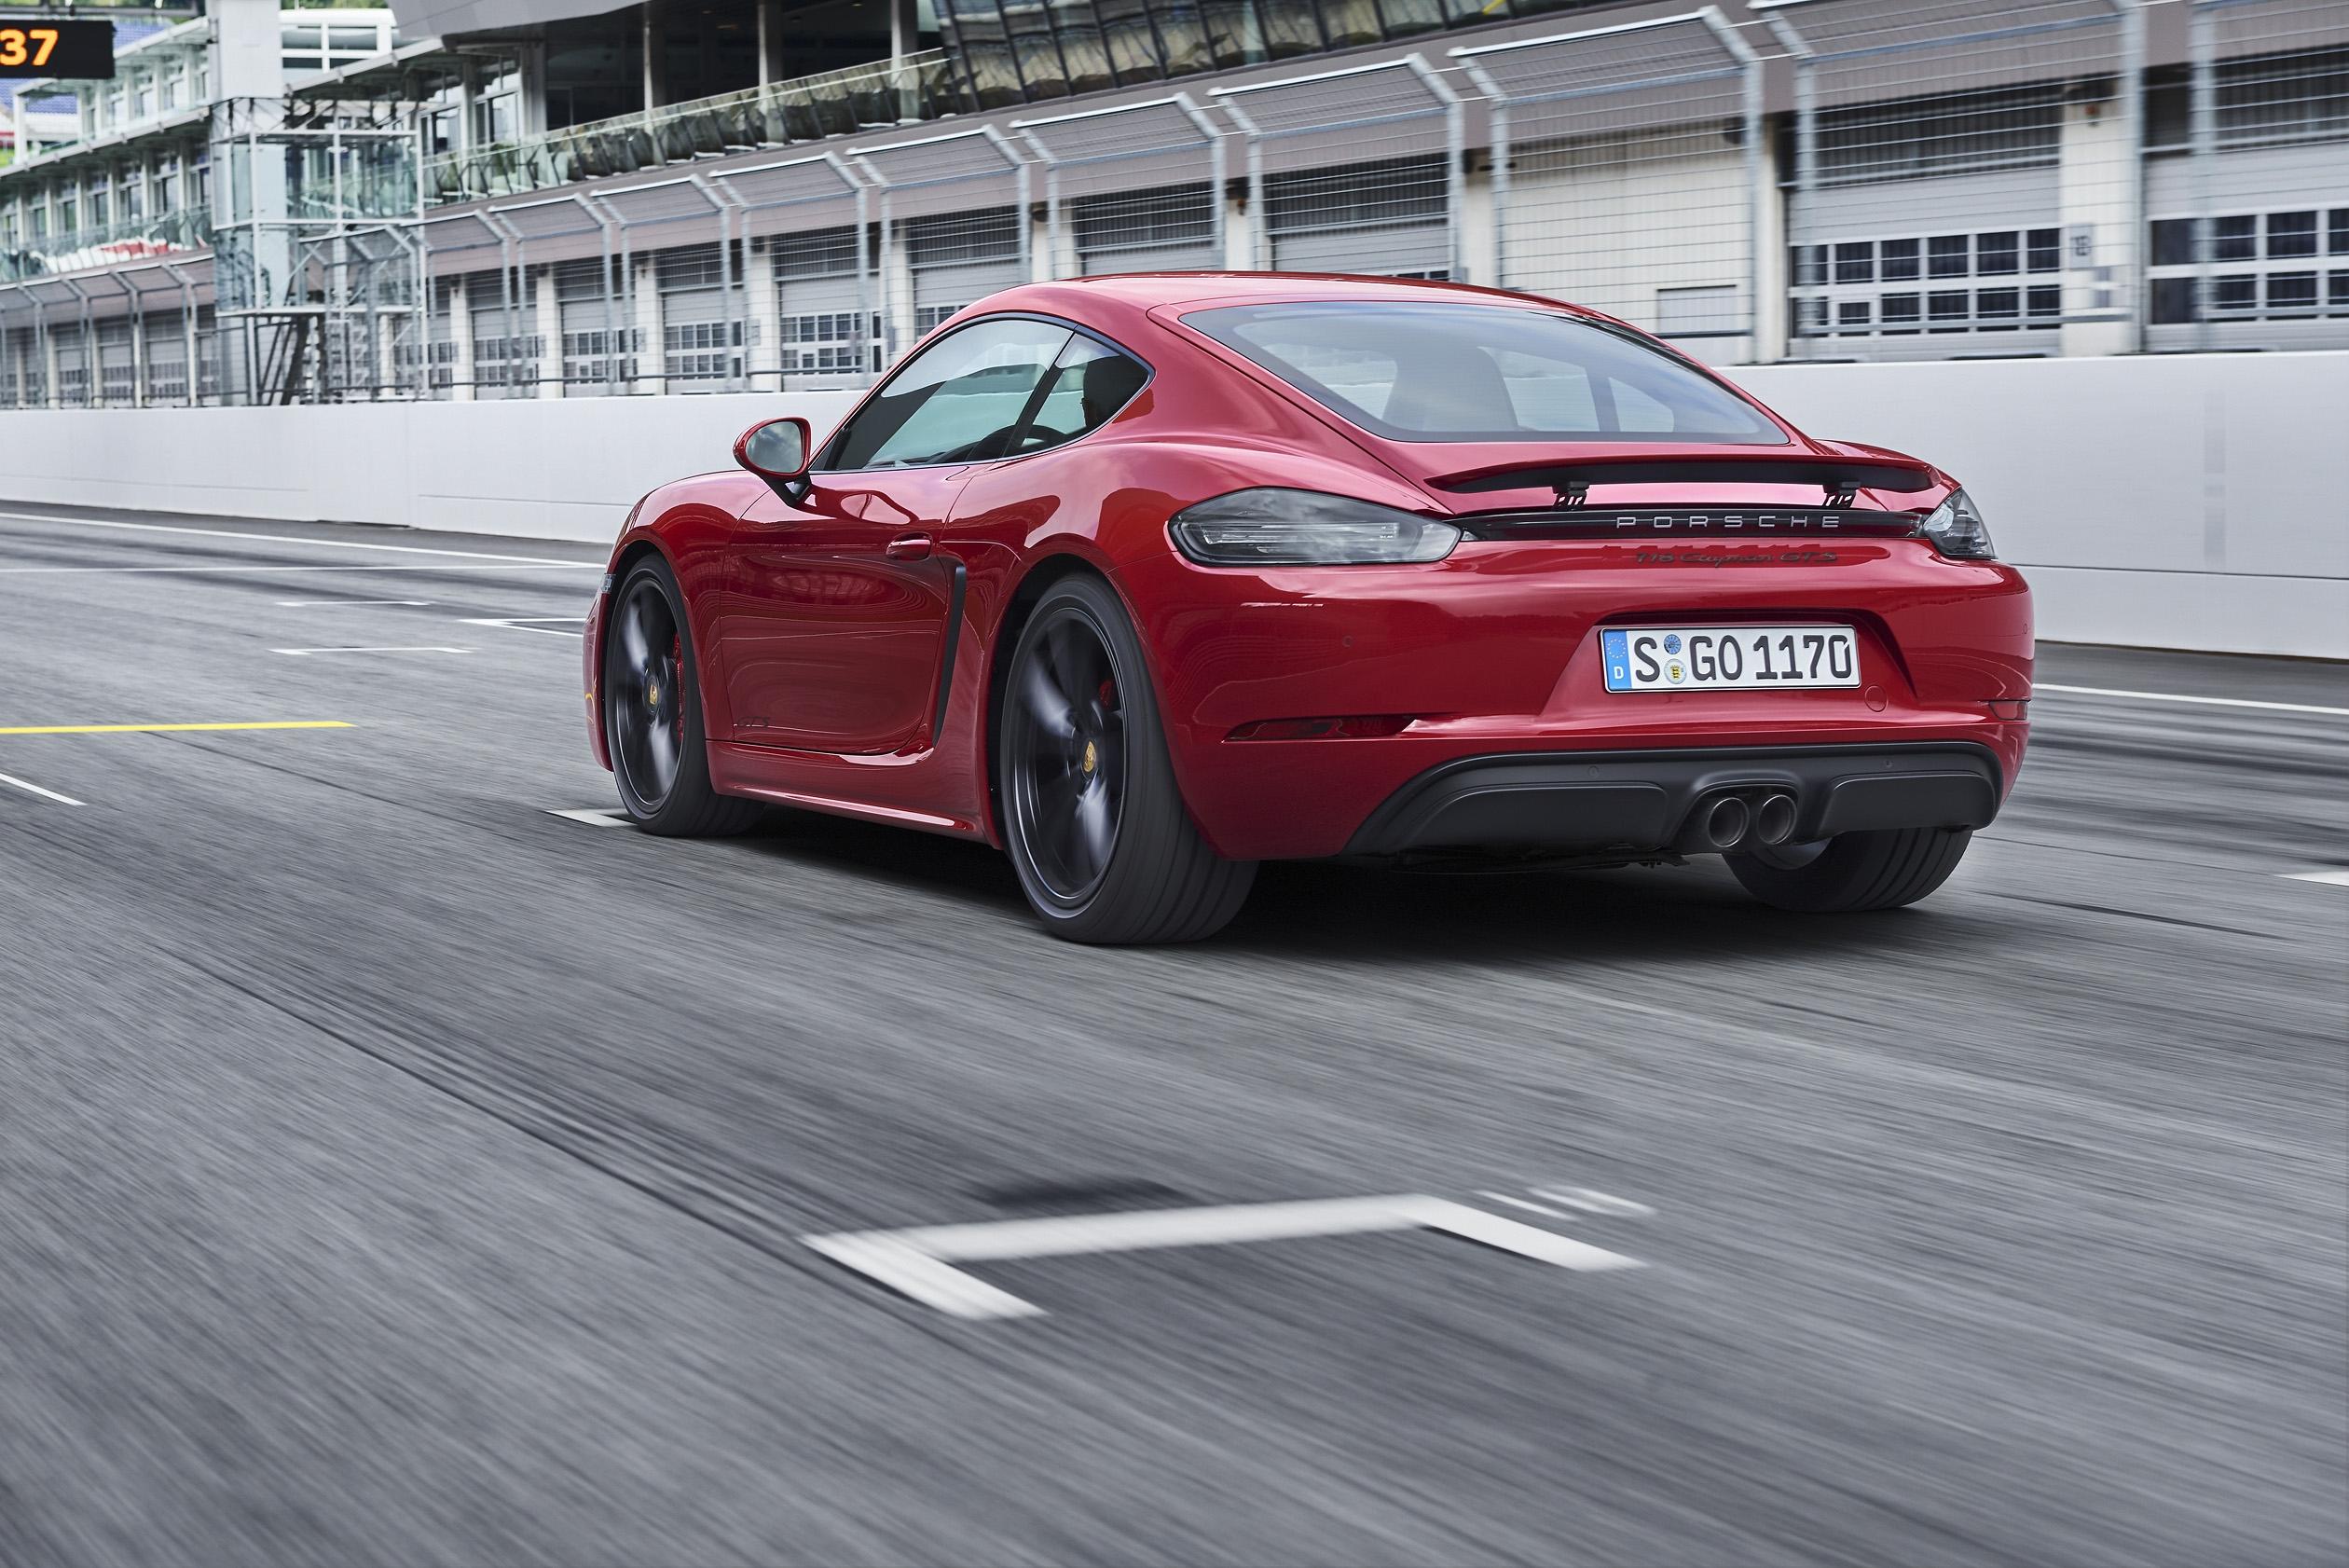 Les Porsche 718 Boxster et Cayman déclinées en GTS